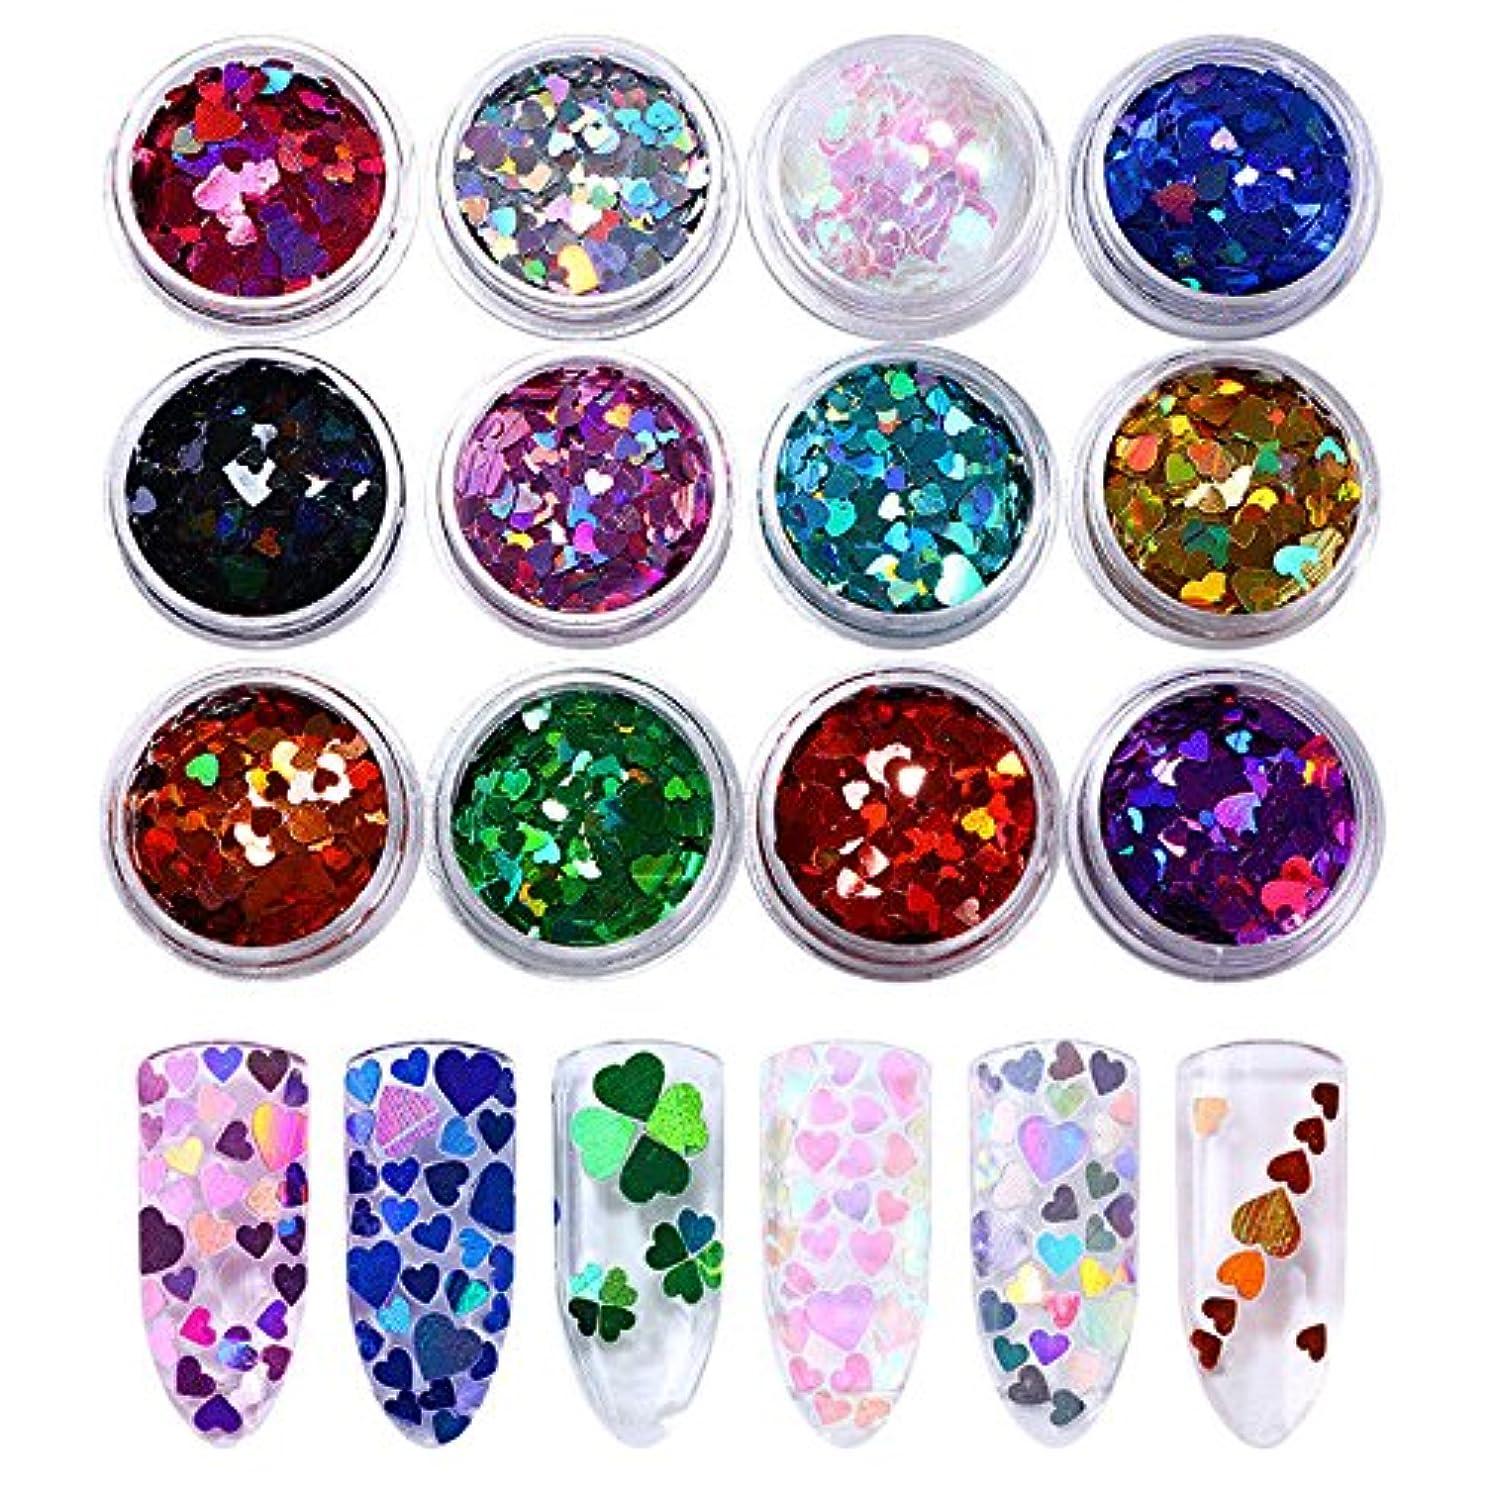 スプーンスケート味わうFidgetGear 12ボックスホログラフィックネイルスパンコールマルチサイズ虹色ハートパレットマニキュア